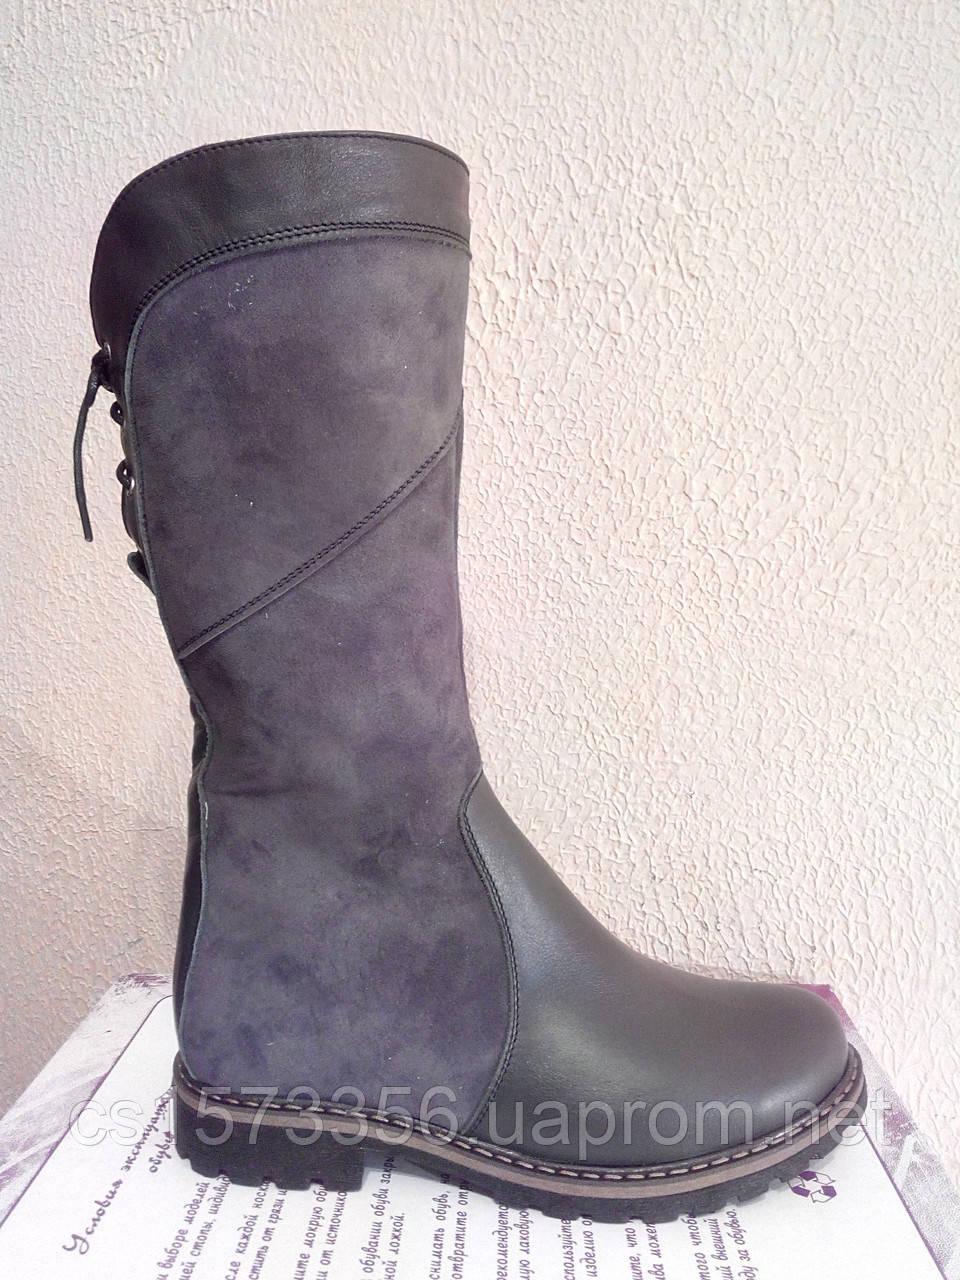 Женские зимние ботинки серого цвета. Зимние на меху.